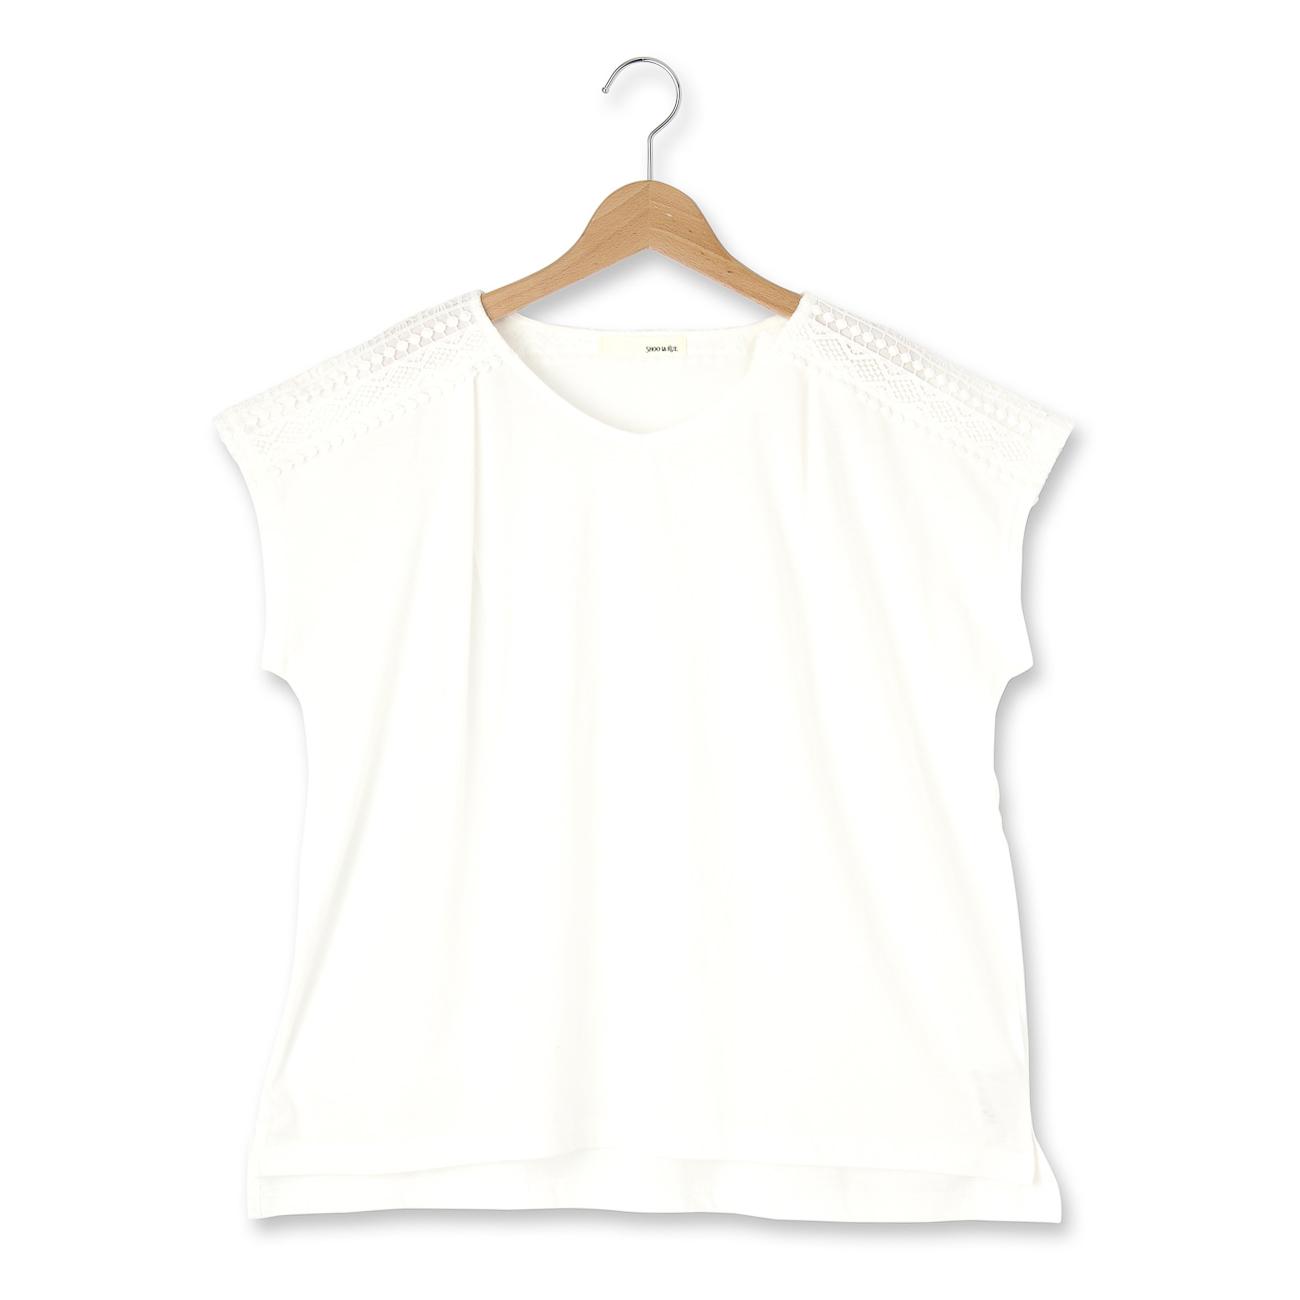 【SHOO・LA・RUE (シューラルー)】肩レースボックスカットソーレディース トップス|カットソー・Tシャツ ホワイト系